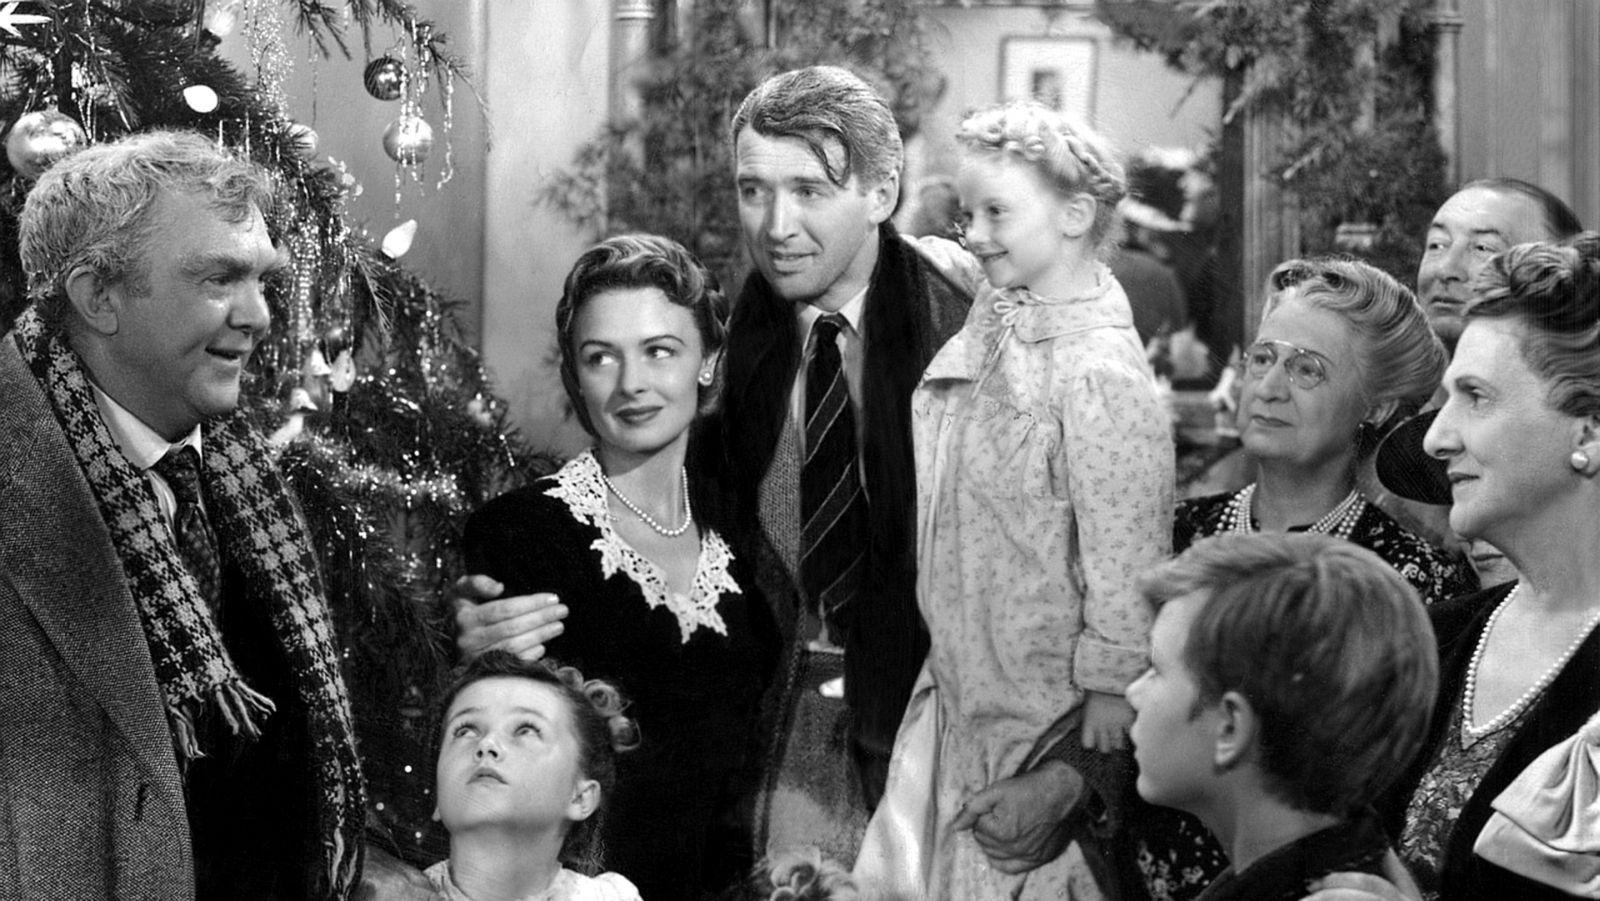 Una delle scene del film 'La vita è meravigliosa' di Frank Capra, pellicola simbolo delle feste natalizie